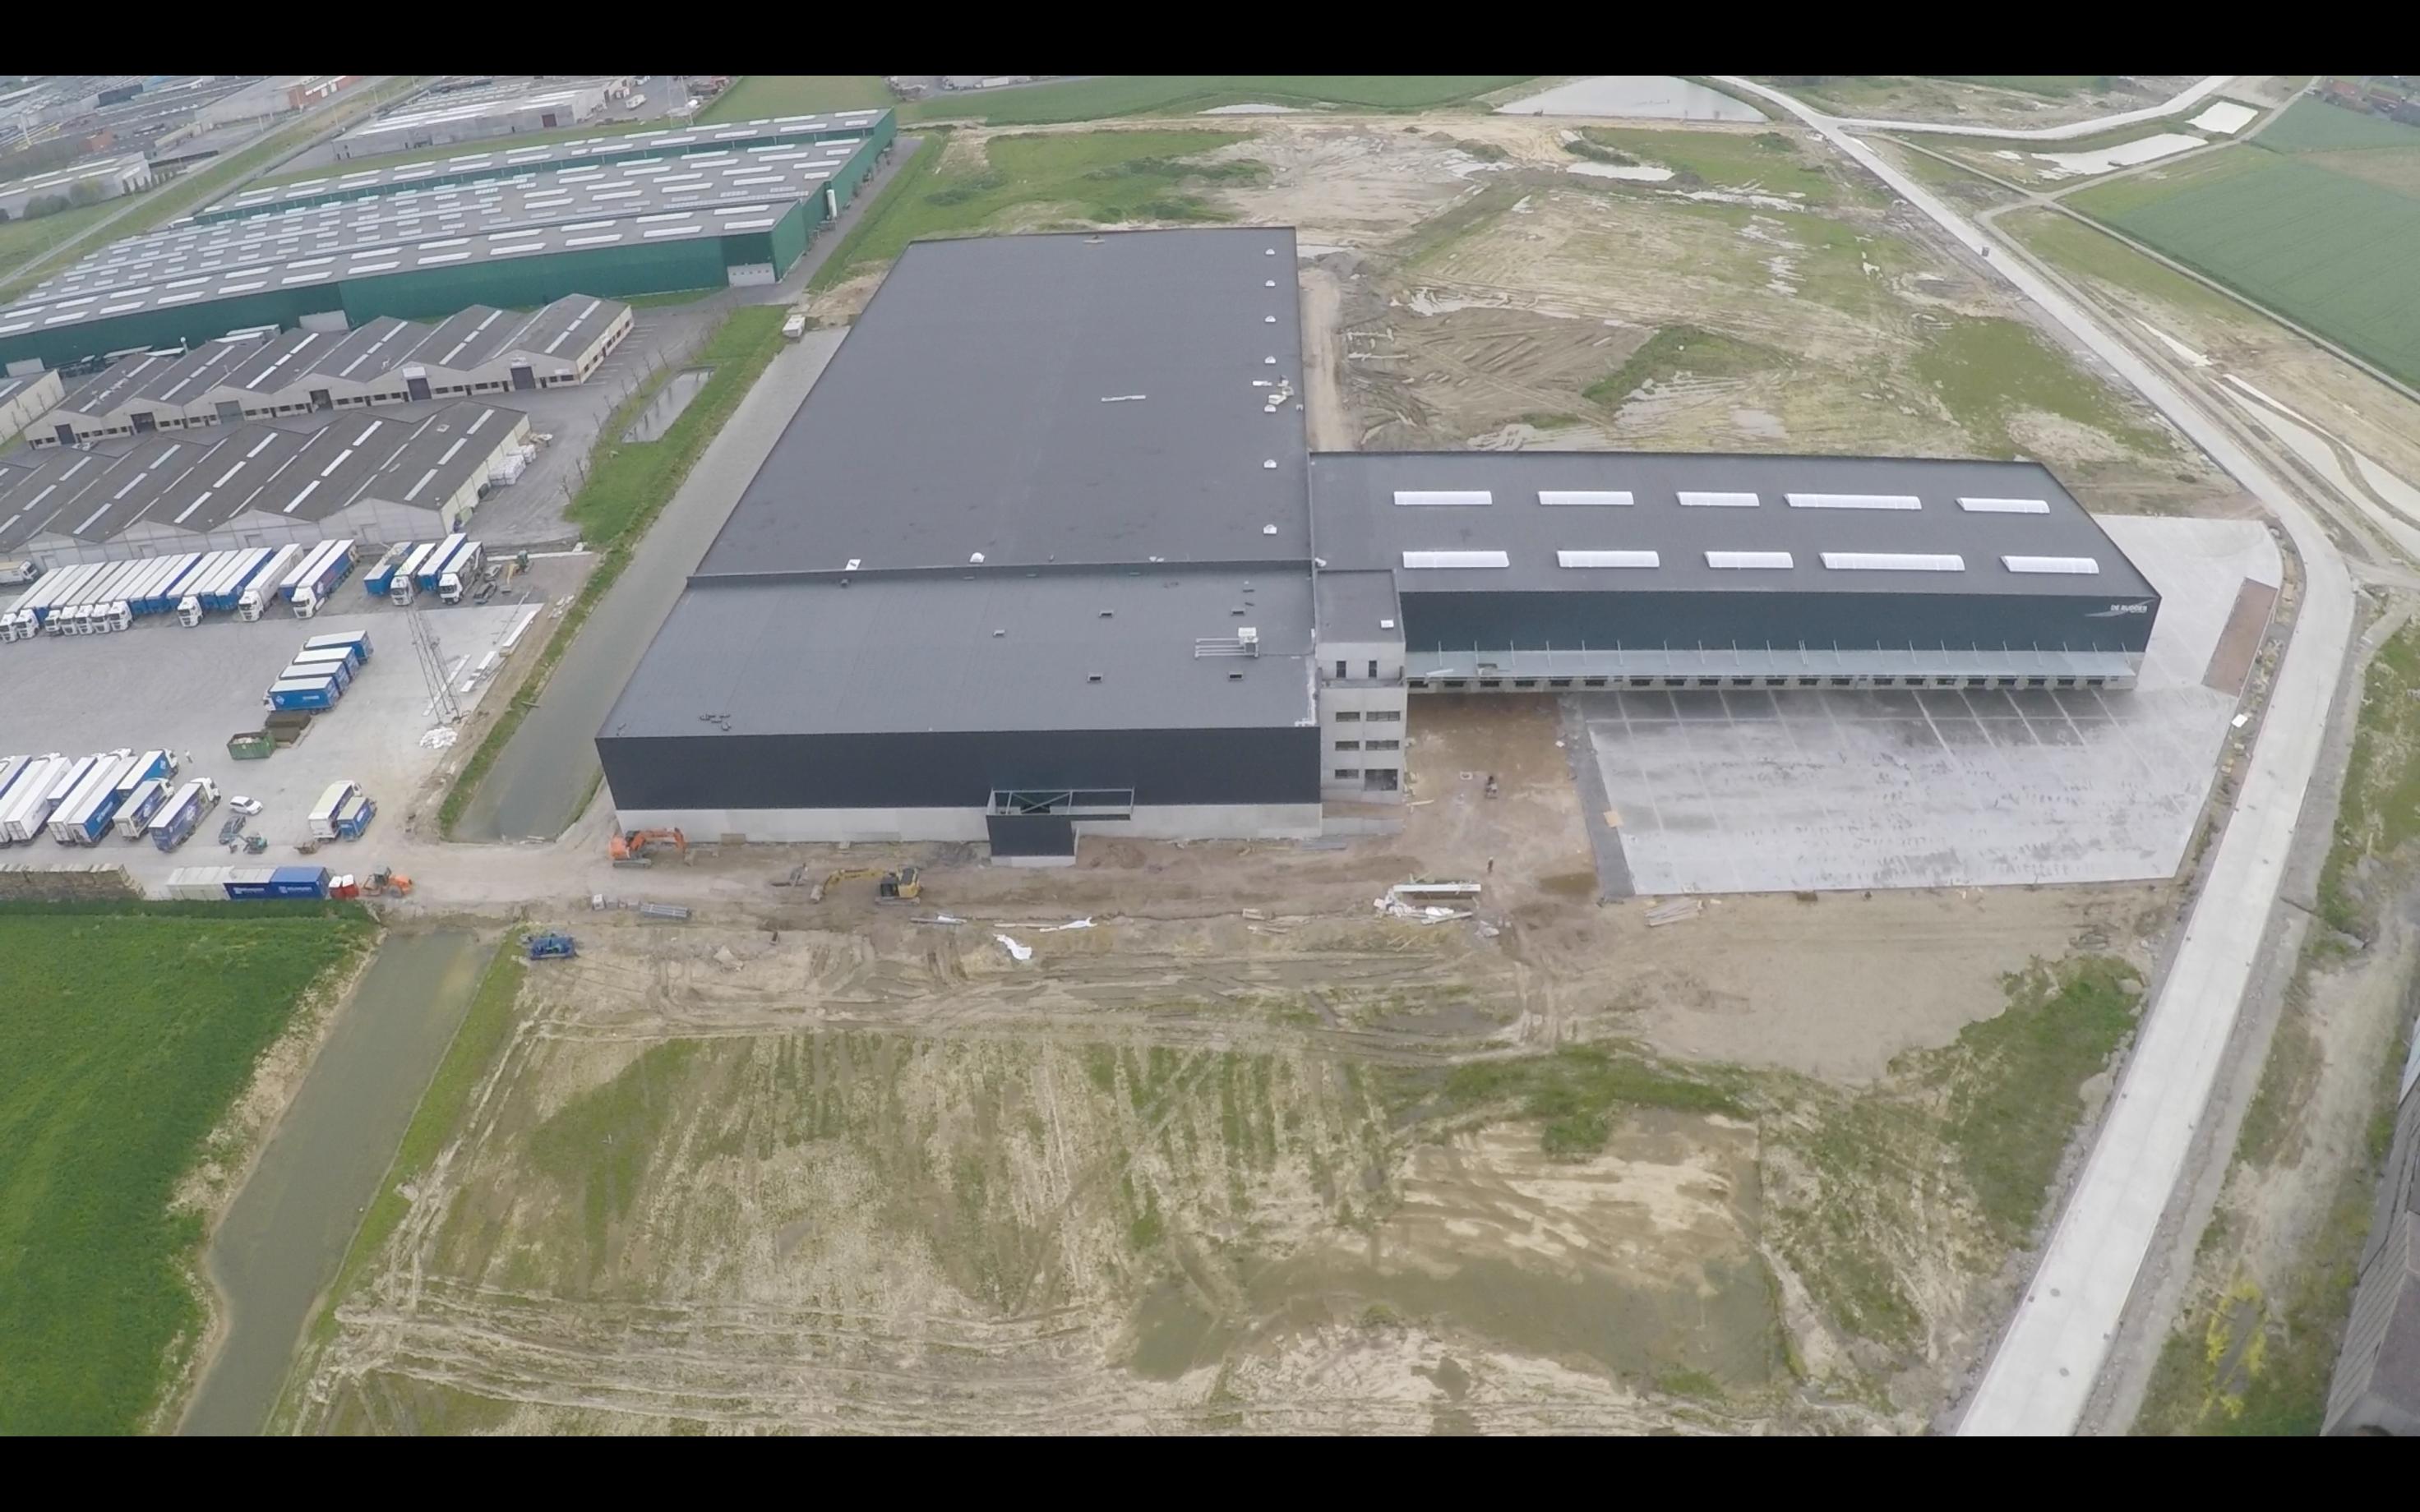 Transport De Rudder_Kuurne_distributiecentrum_bedrijfsgebouw_industriegebouw (1)